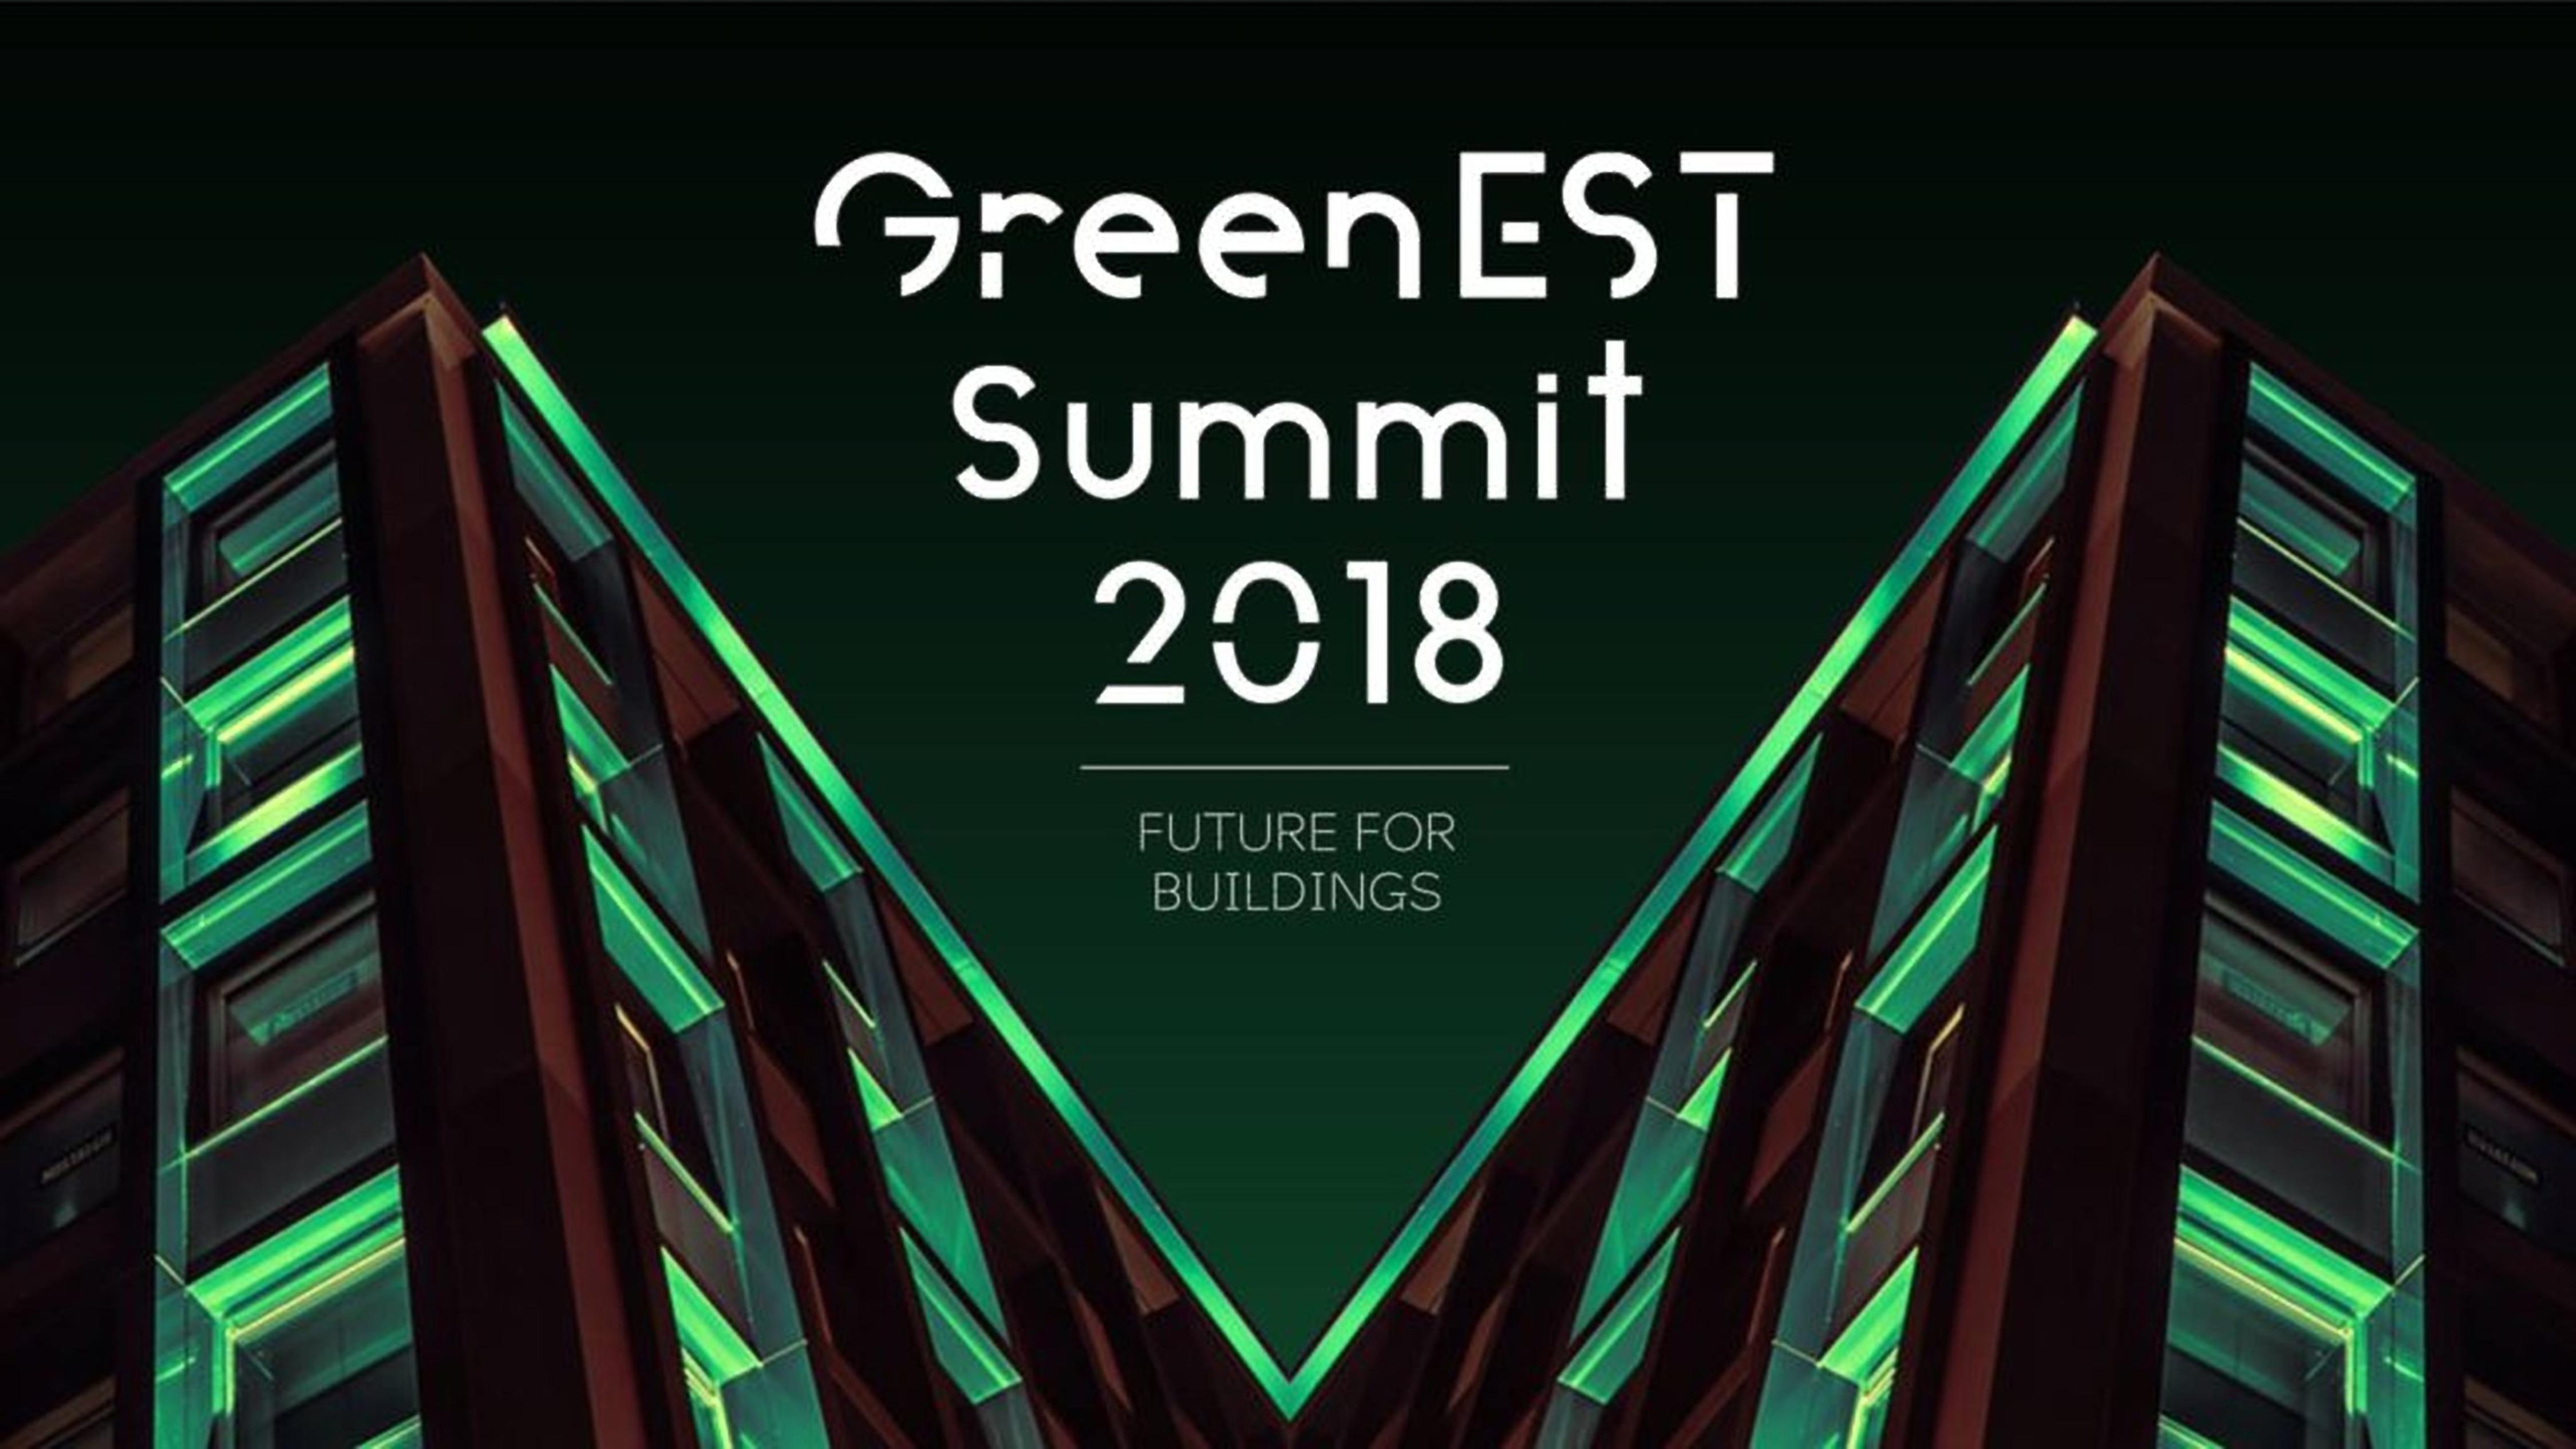 greenesti-summit